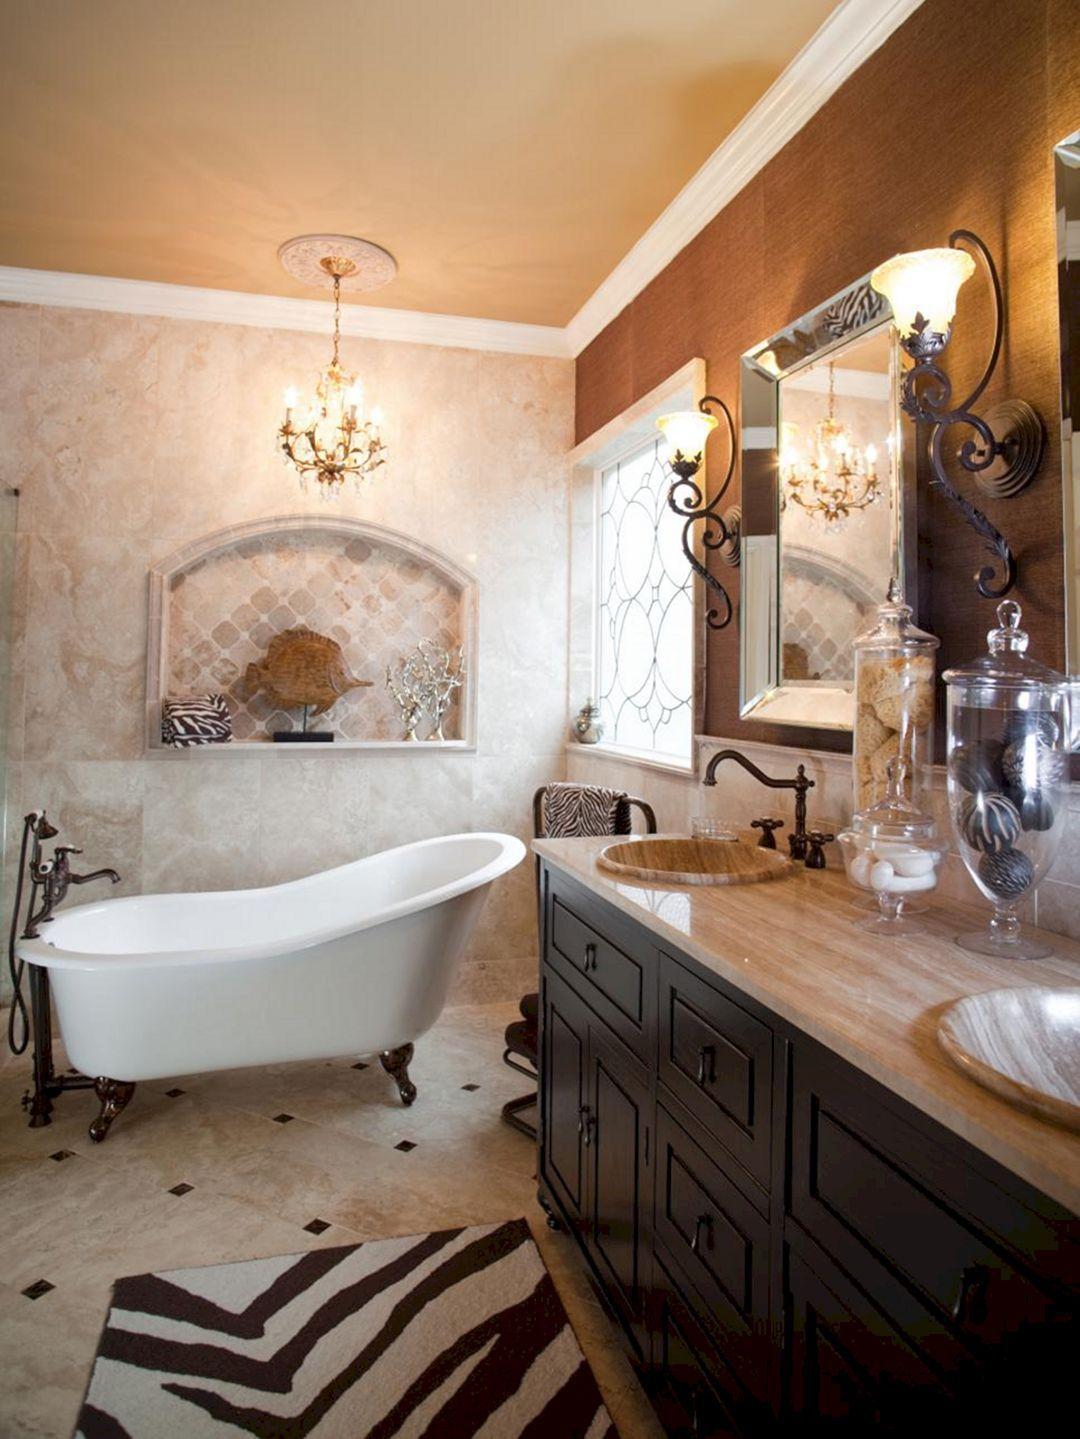 best diy master bathroom ideas remodel on a budget 4 with on bathroom renovation ideas on a budget id=26597